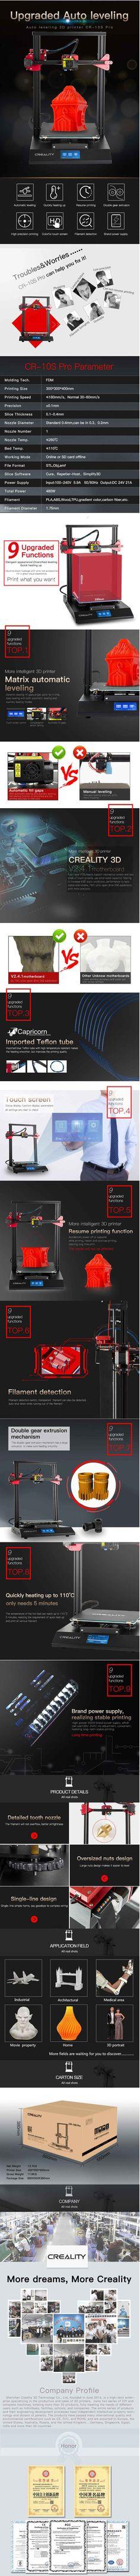 10 parasta kuvaa: Creality 3D-tulostin – 2019